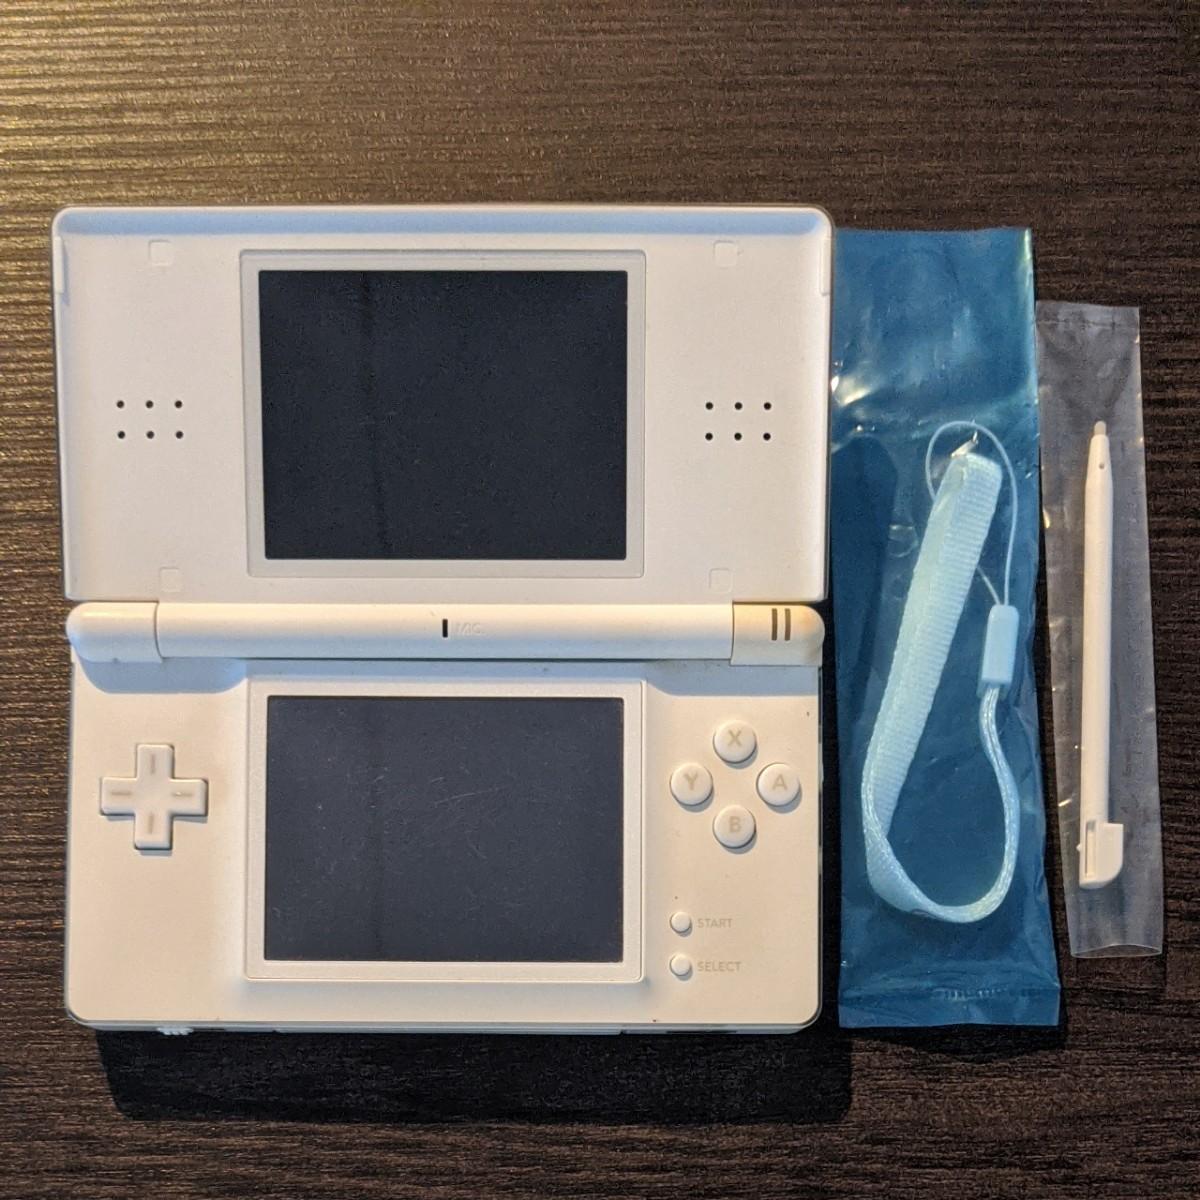 nin NINTENDO DS ニンテンドーDS Lite ニンテンドー 任天堂 ニンテンドーDSライト ホワイト